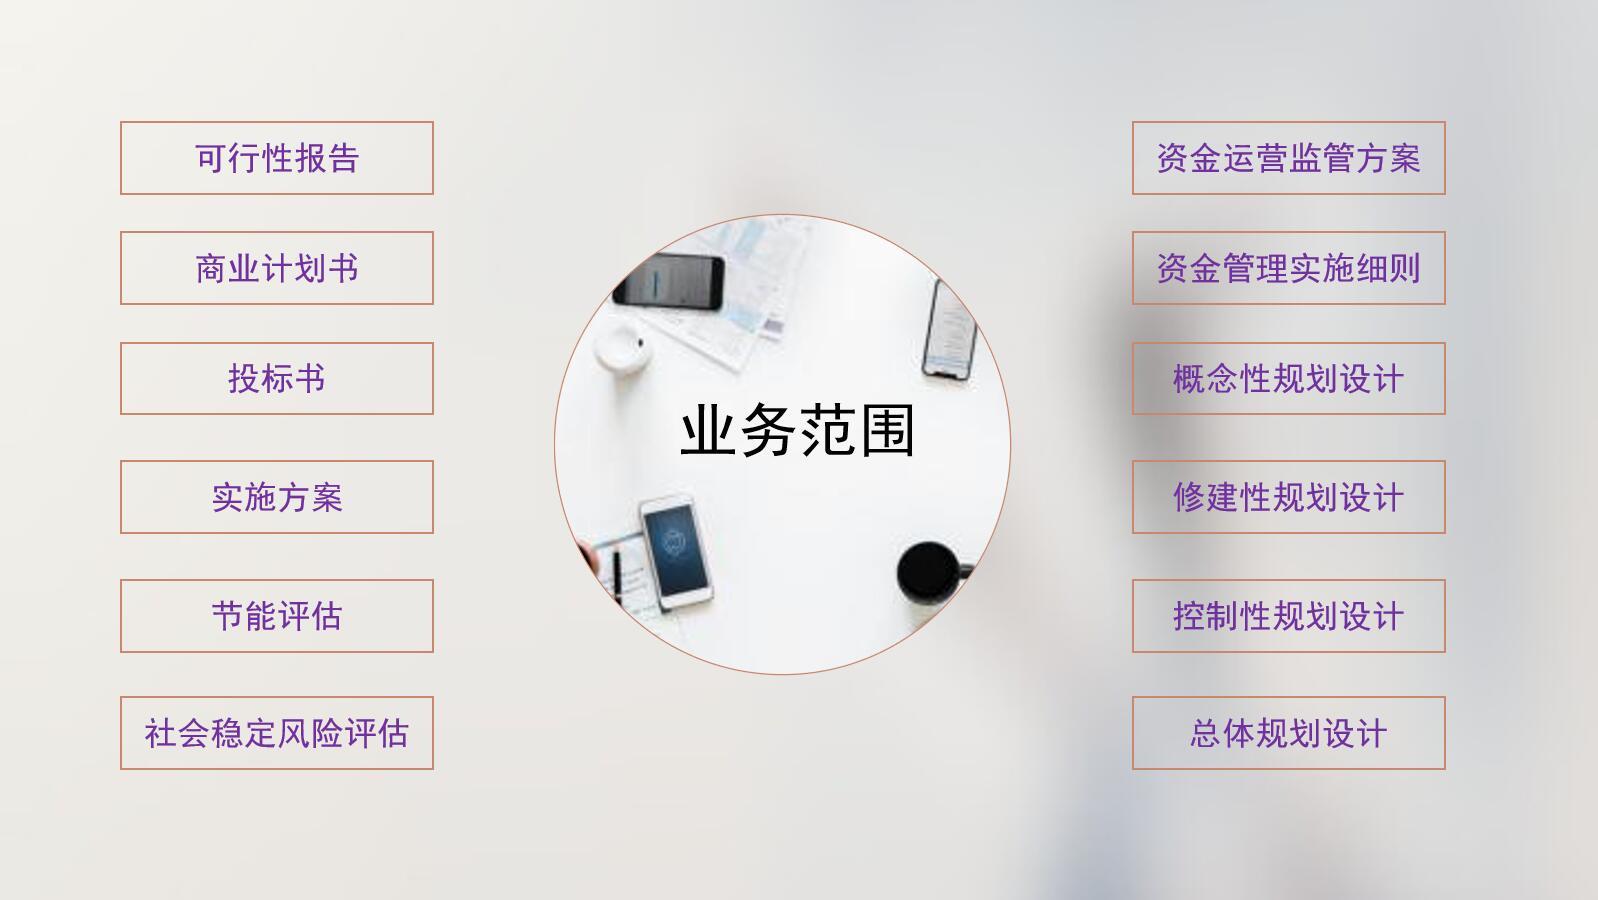 锦州编写可行性分析报告2021收费